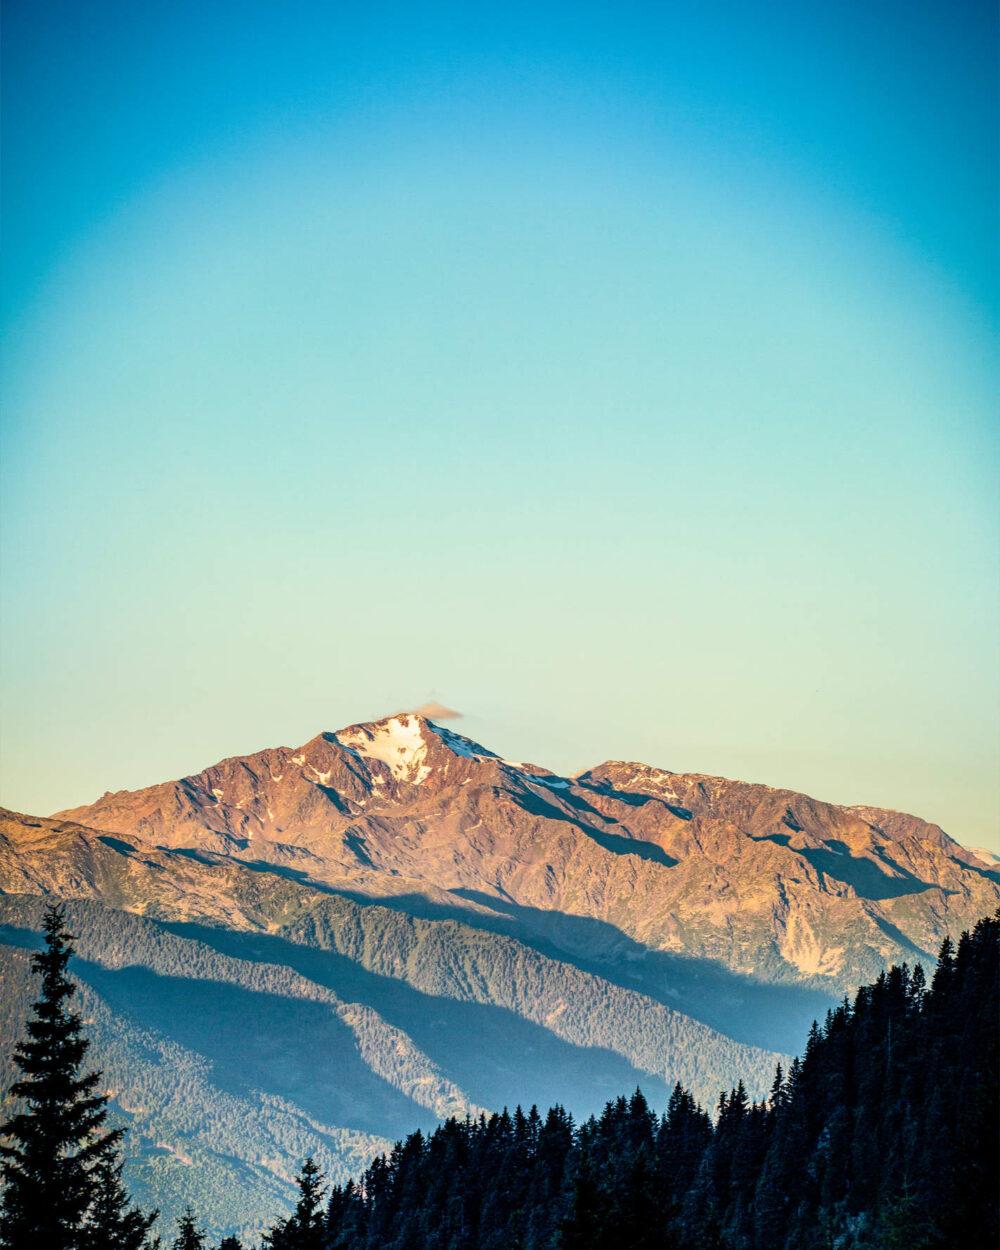 Kleines Wölkchen über Berggipfel im Morgengrauen